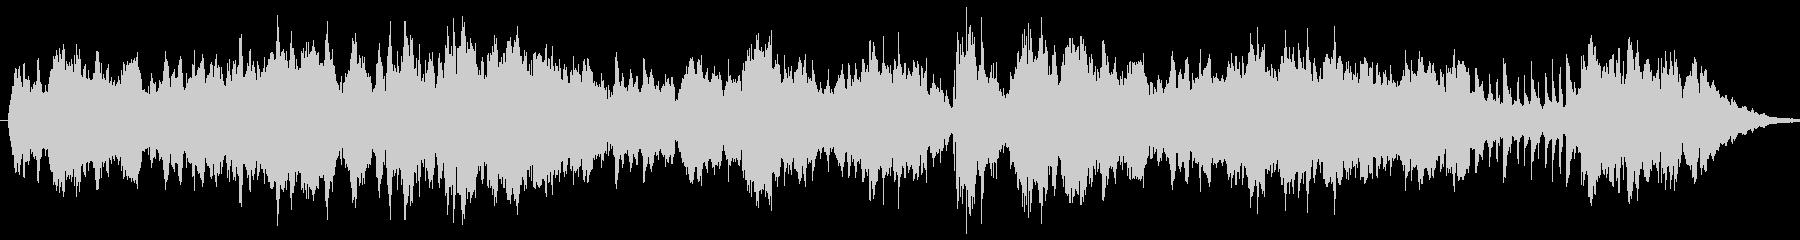 キラキラと輝く音色のメロディーの未再生の波形